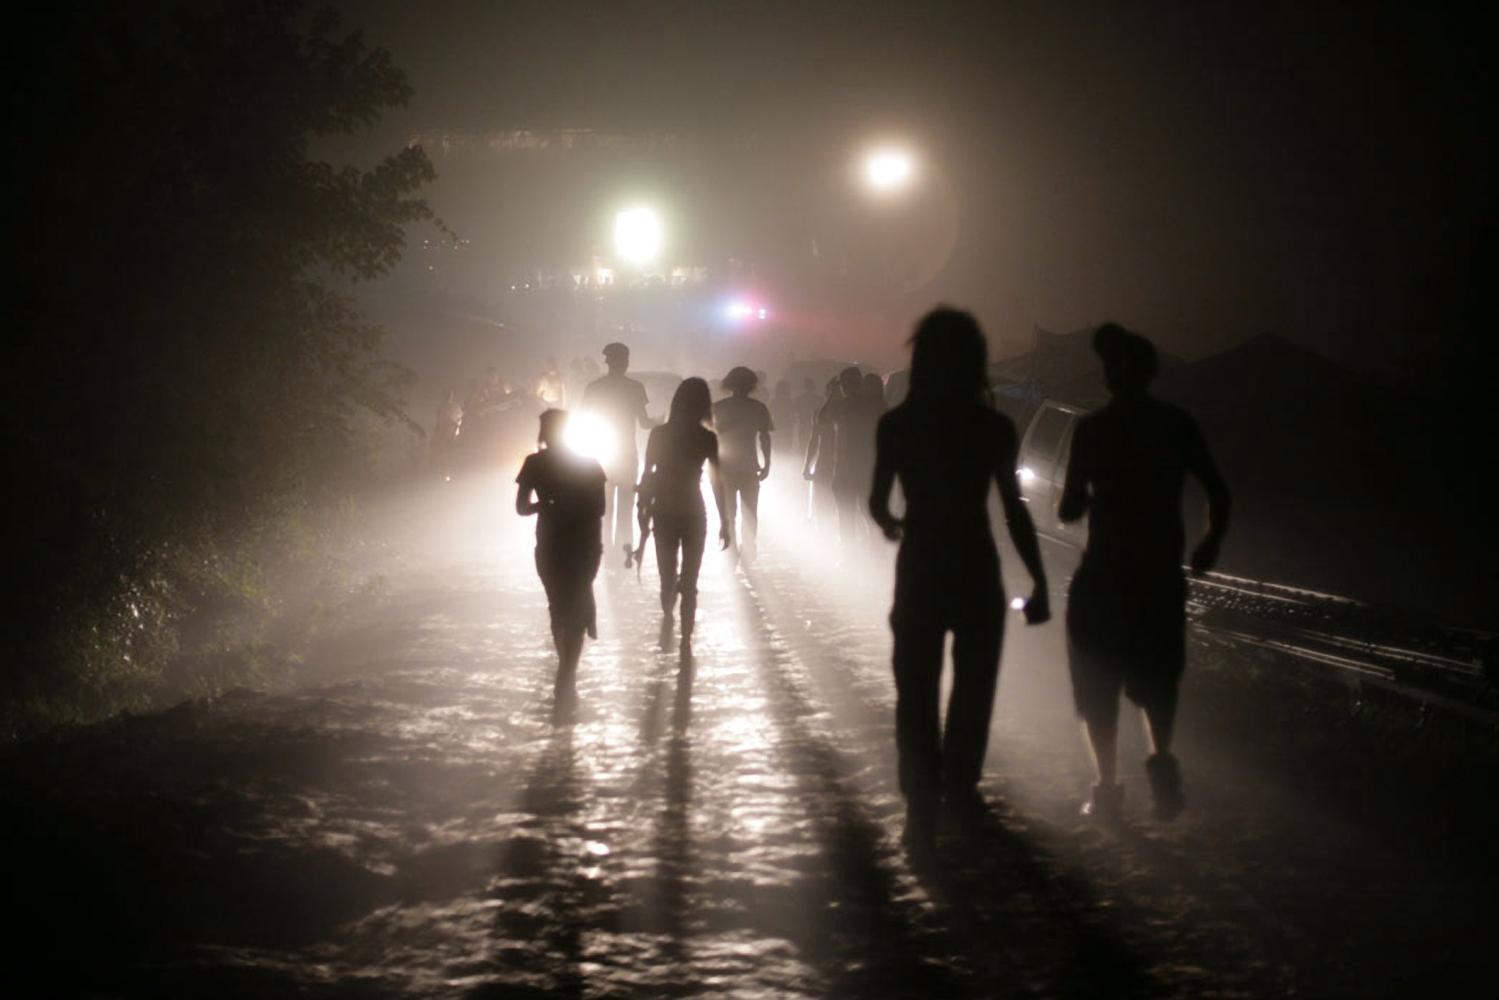 https://i1.wp.com/www.skatopiathemovie.com/images/fullsize/nightwalkers.jpg